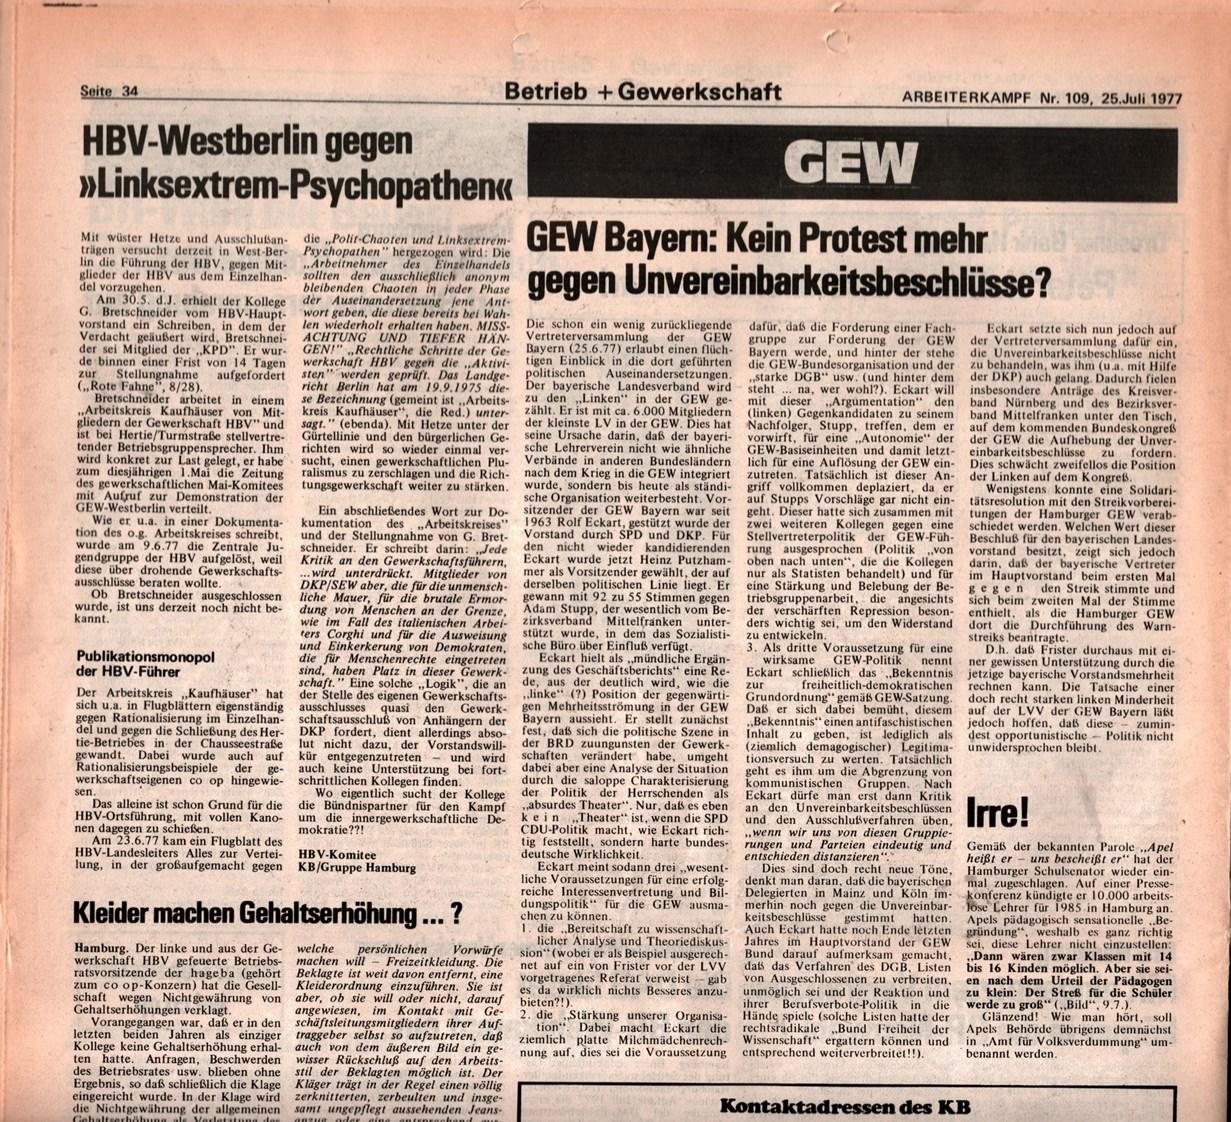 KB_AK_1977_109_067